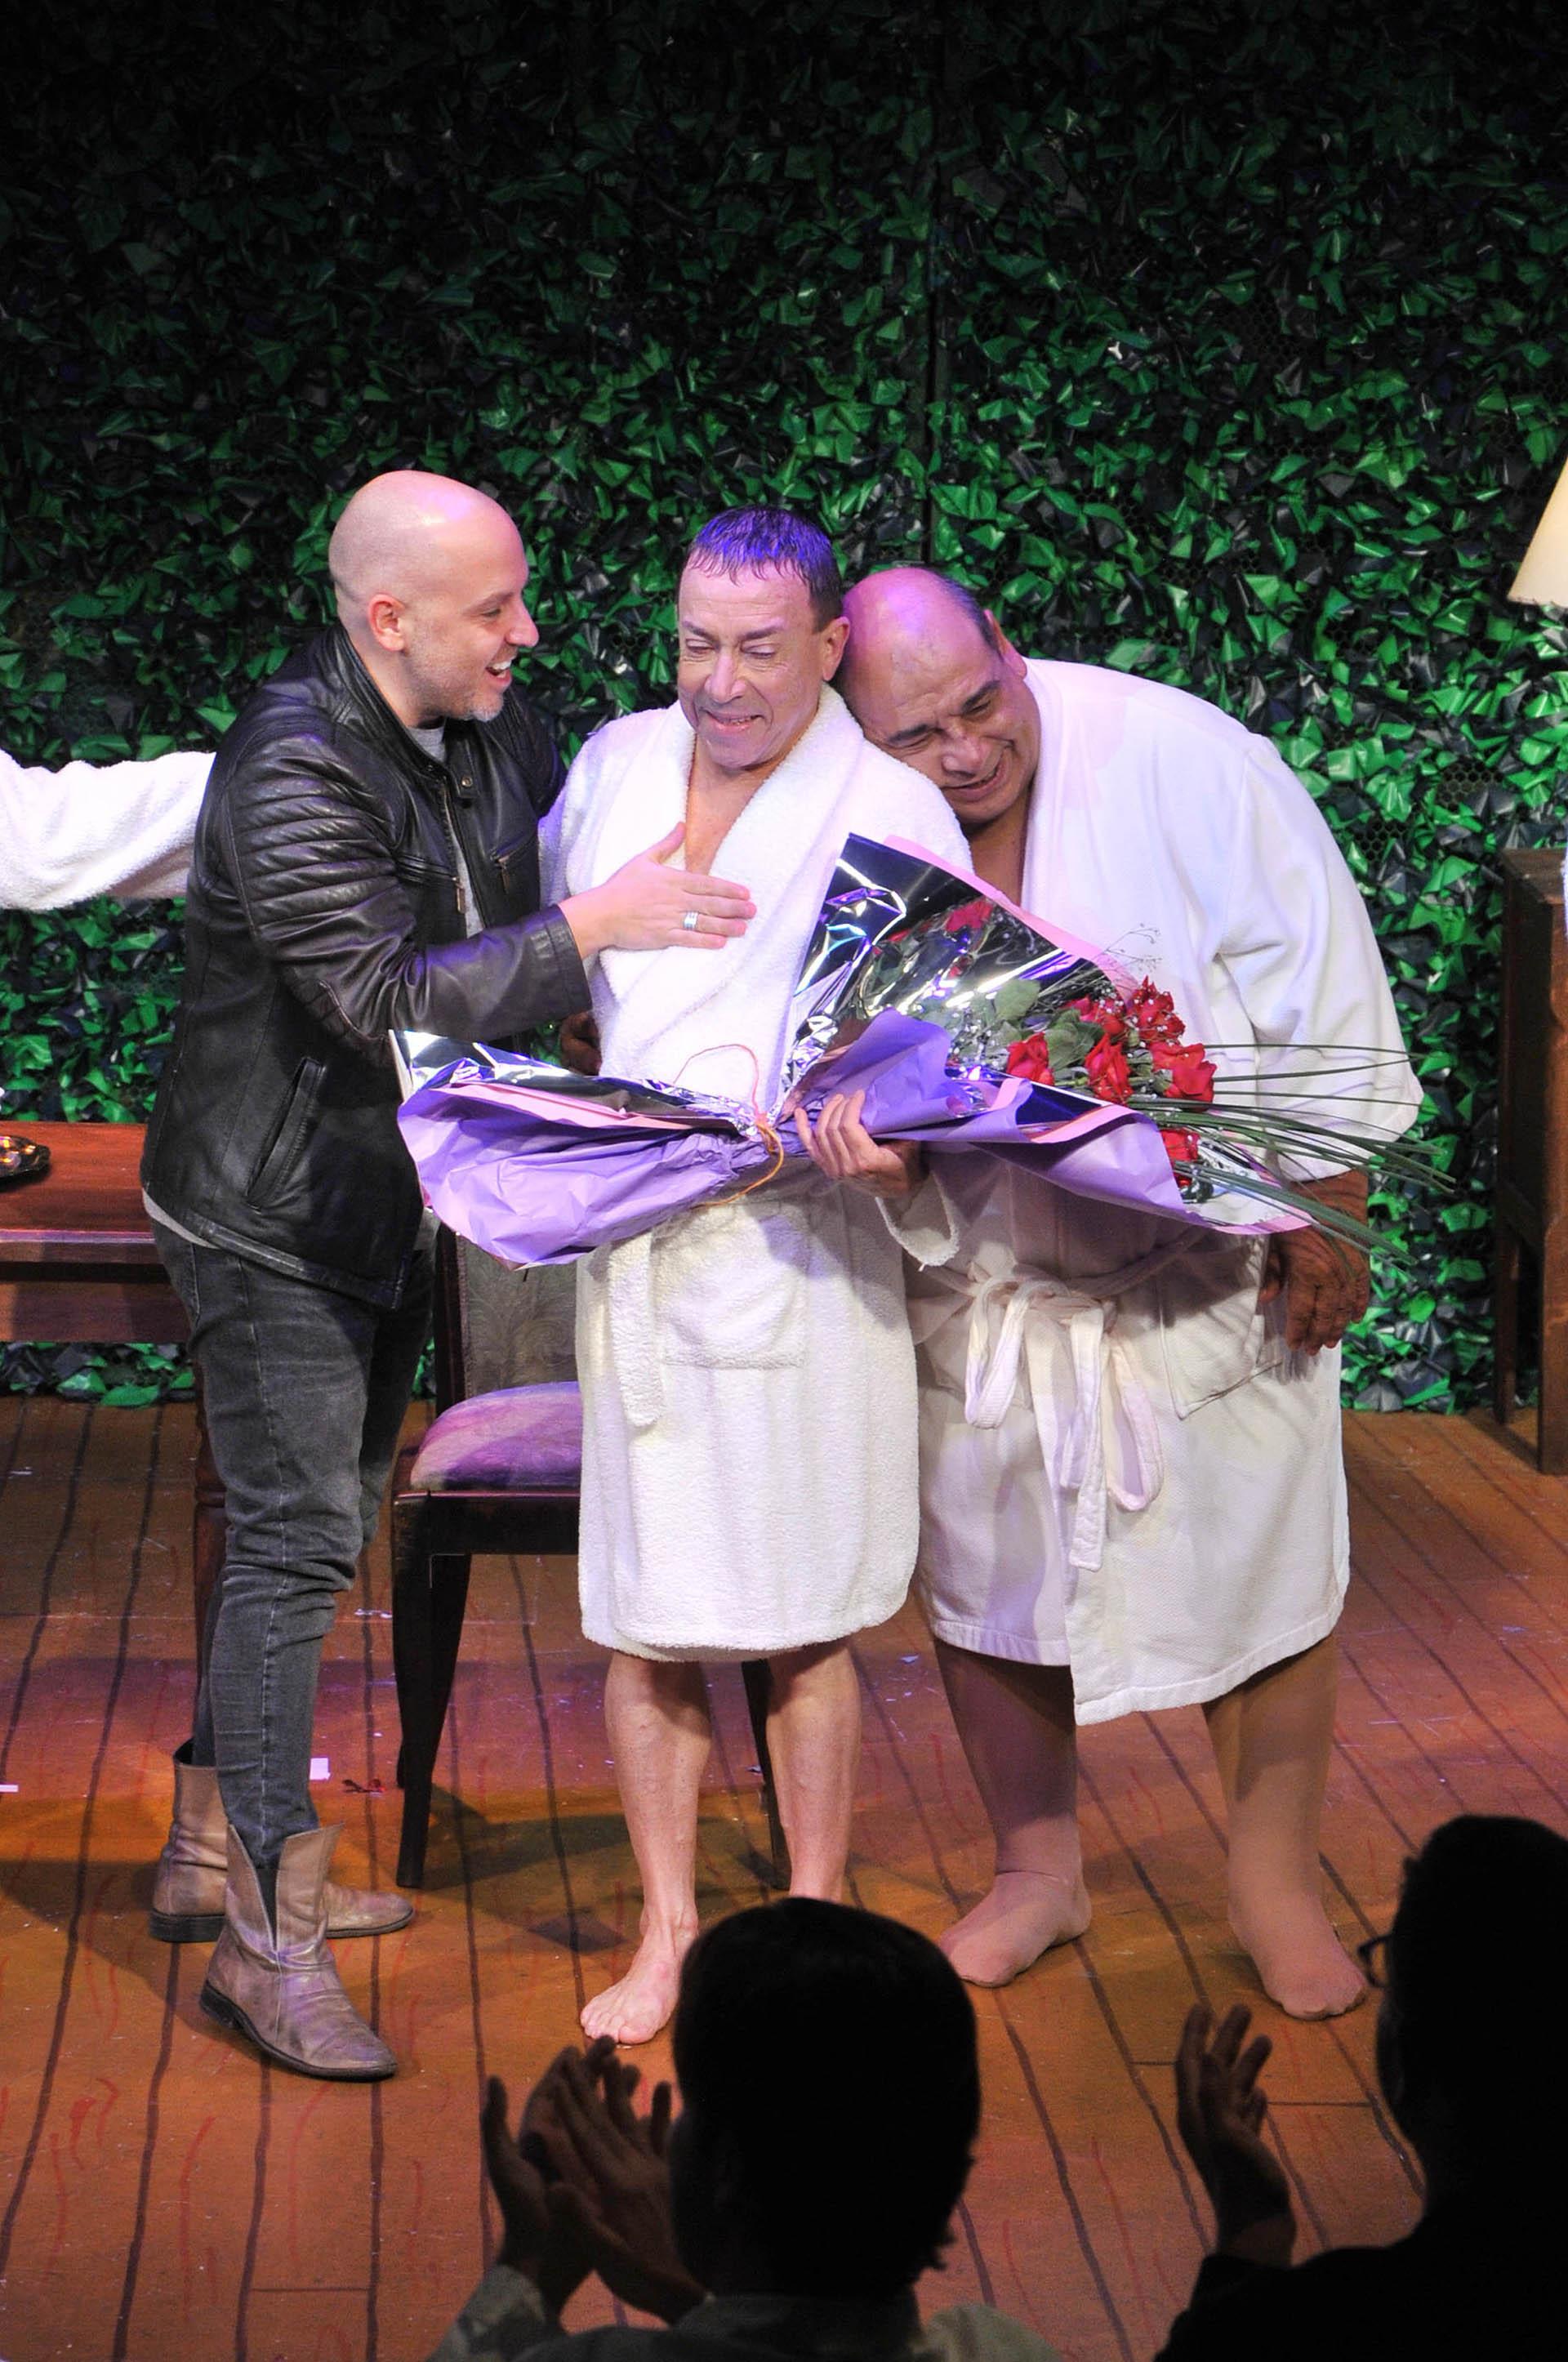 La emoción del actor, junto a José María Muscari y Roly Serrano (Crtédito de Fotos: Veronica Guerman/Teleshow)